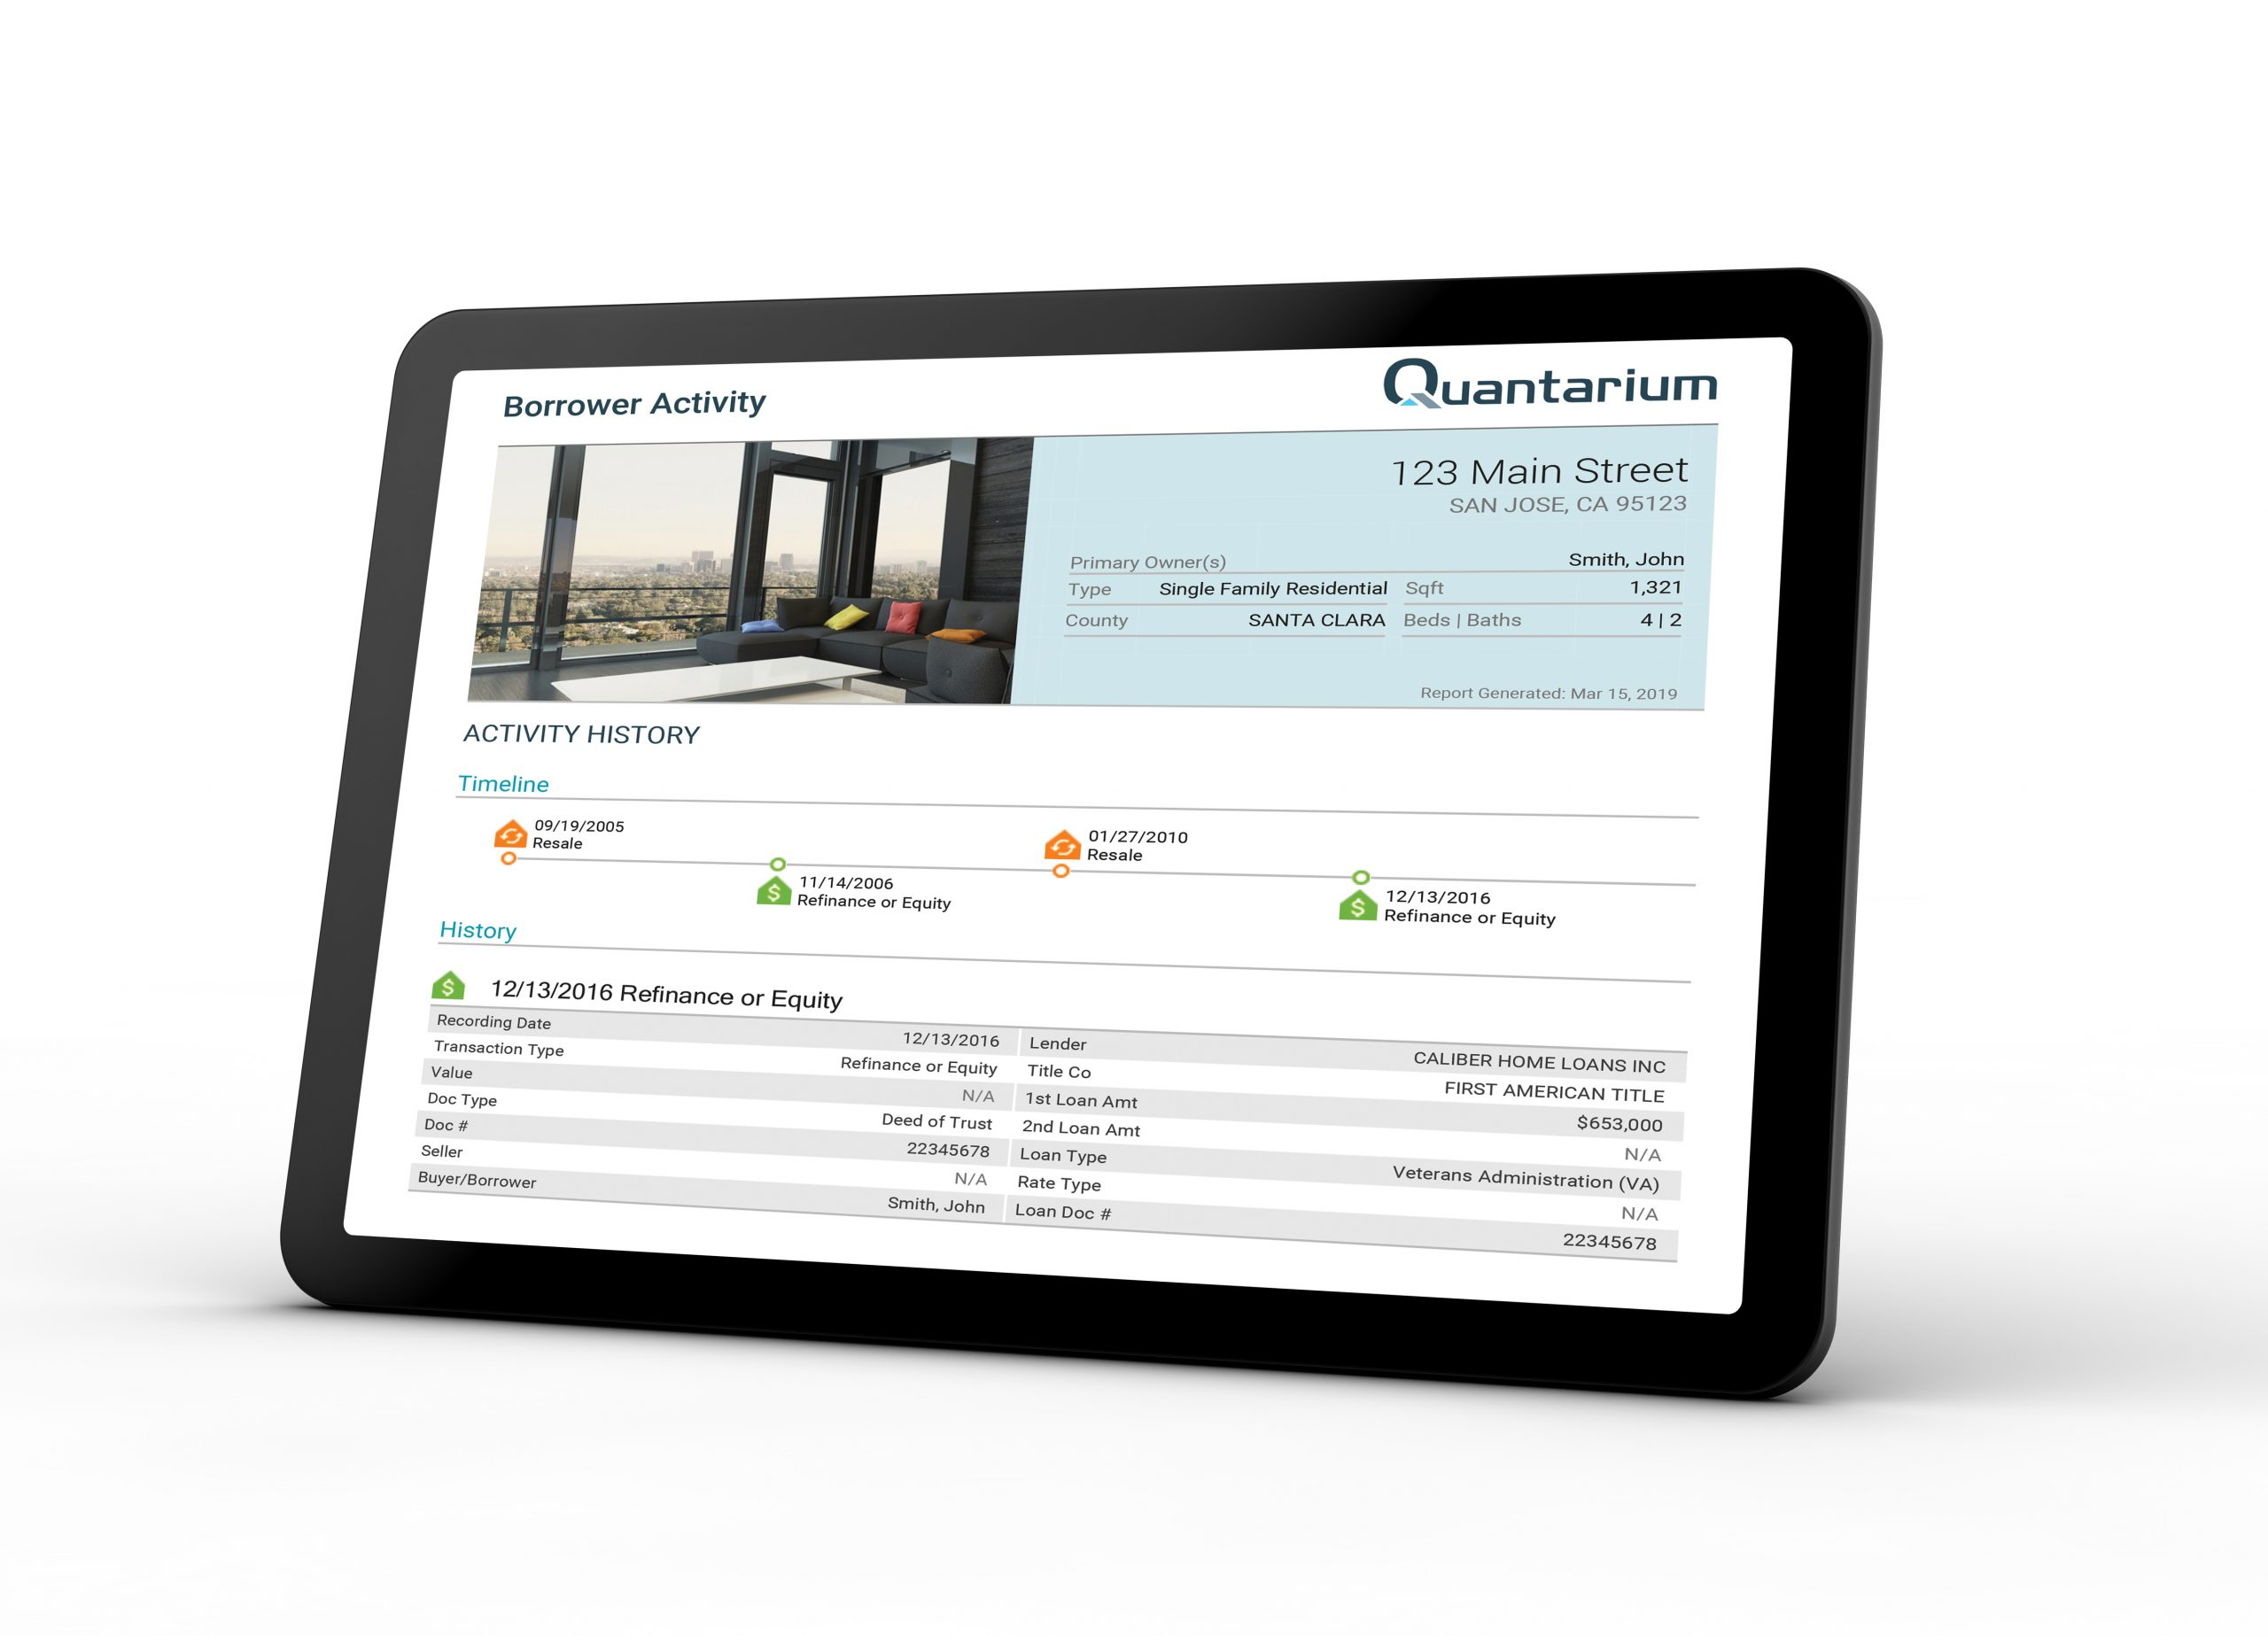 Quantarium Real Estate Data Licensing Borrower Activity Report